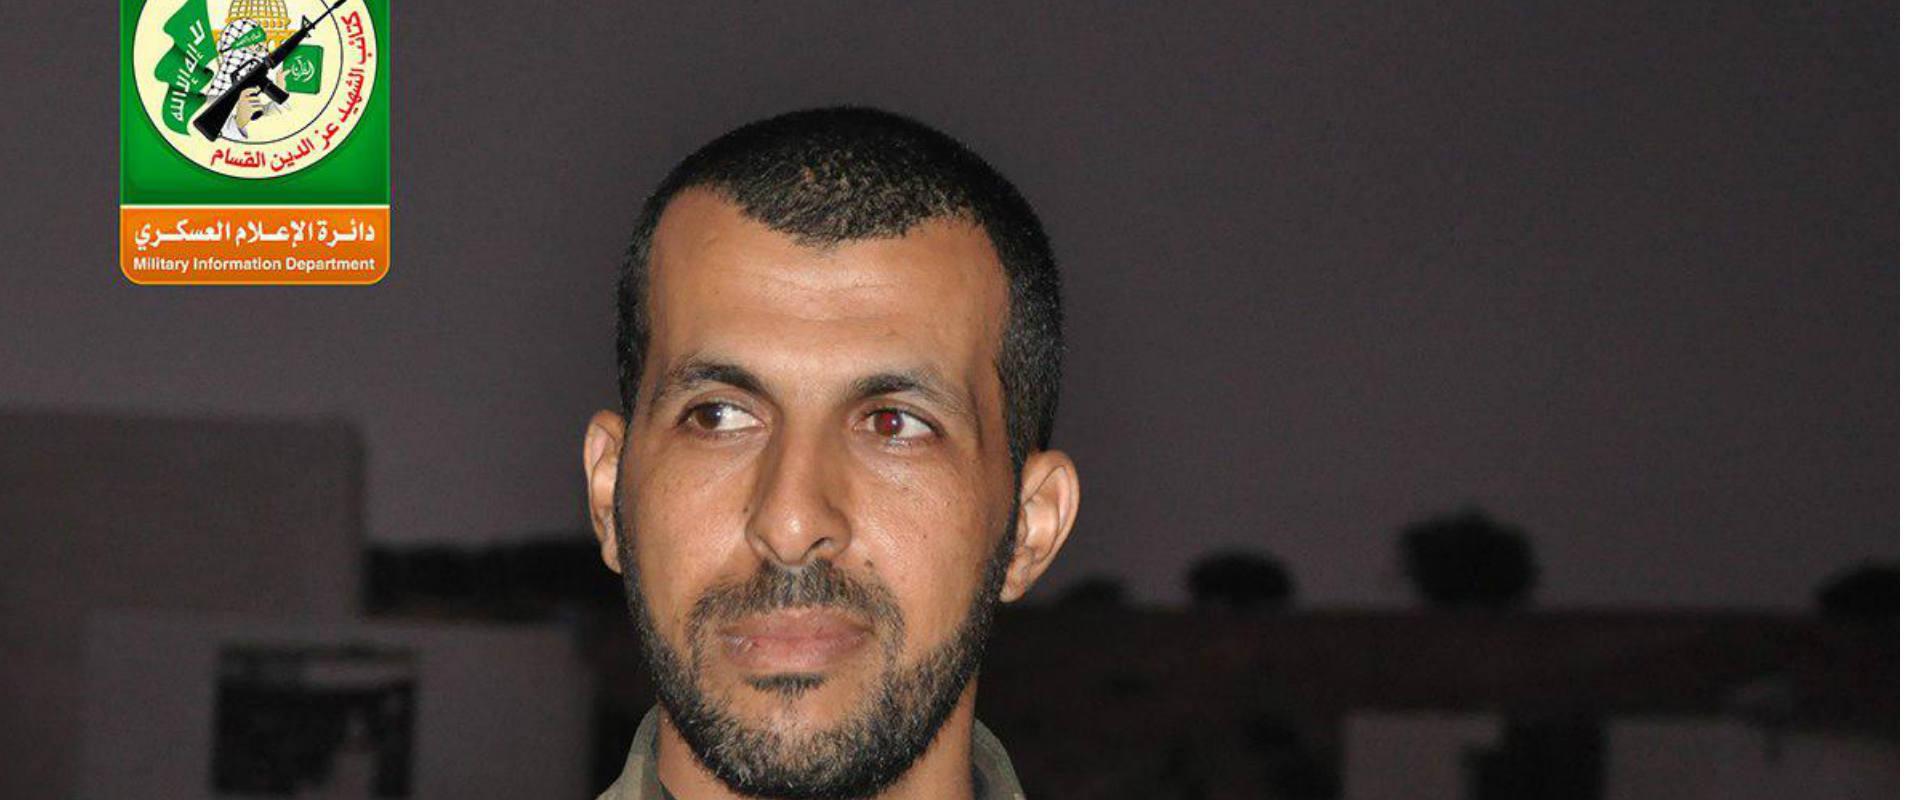 אחד מפעילי הזרוע הצבאית שנהרג אמש בגבול הרצועה